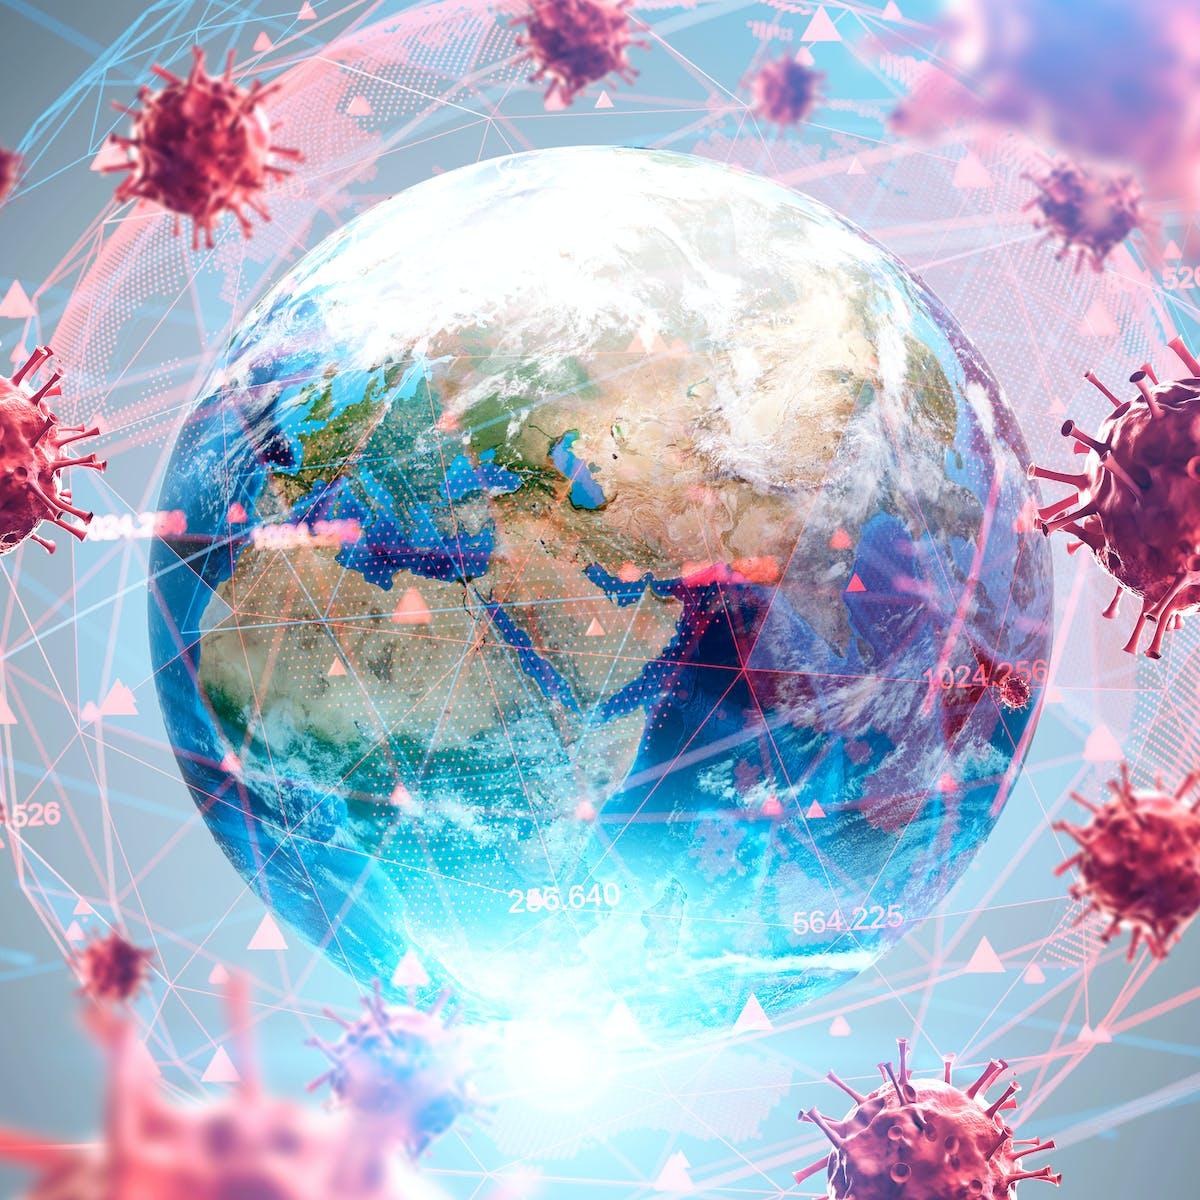 COVID-19: ¿qué ha cambiado para pasar de epidemia a pandemia?